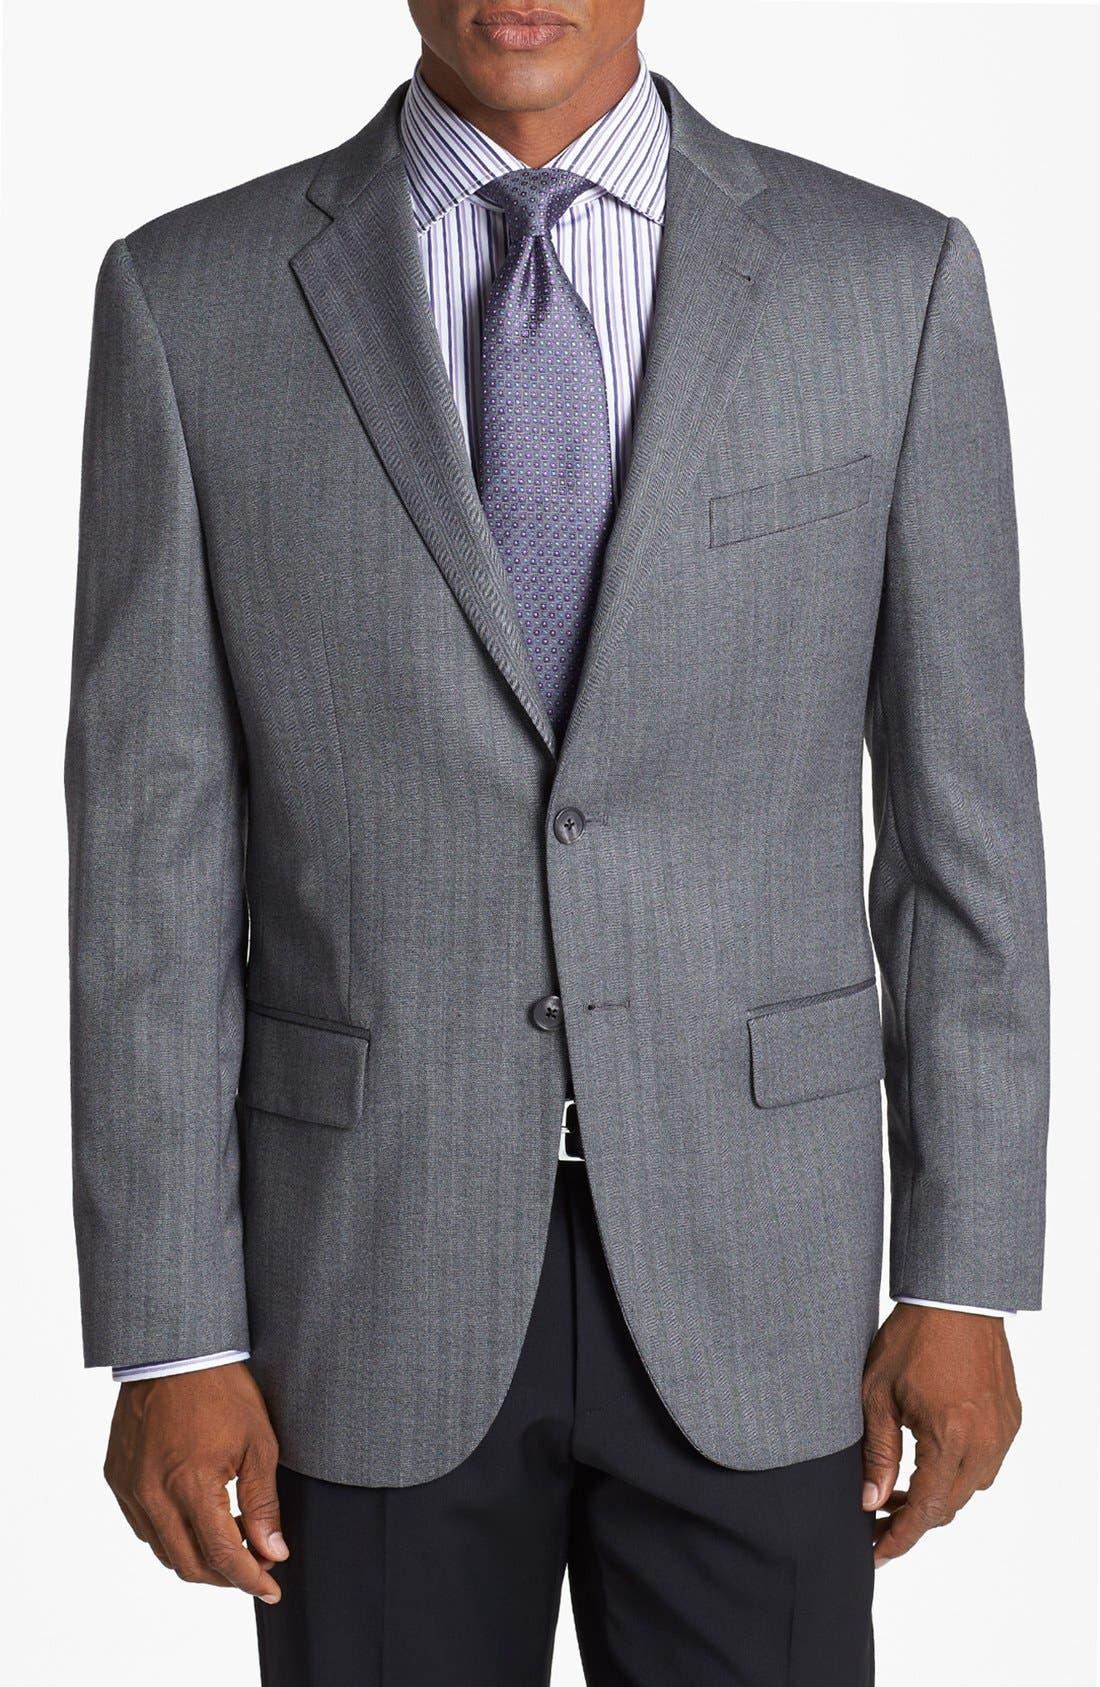 'Profile/Hybrid' Trim Fit Herringbone Sportcoat,                             Main thumbnail 1, color,                             Grey Tonal Herringbone